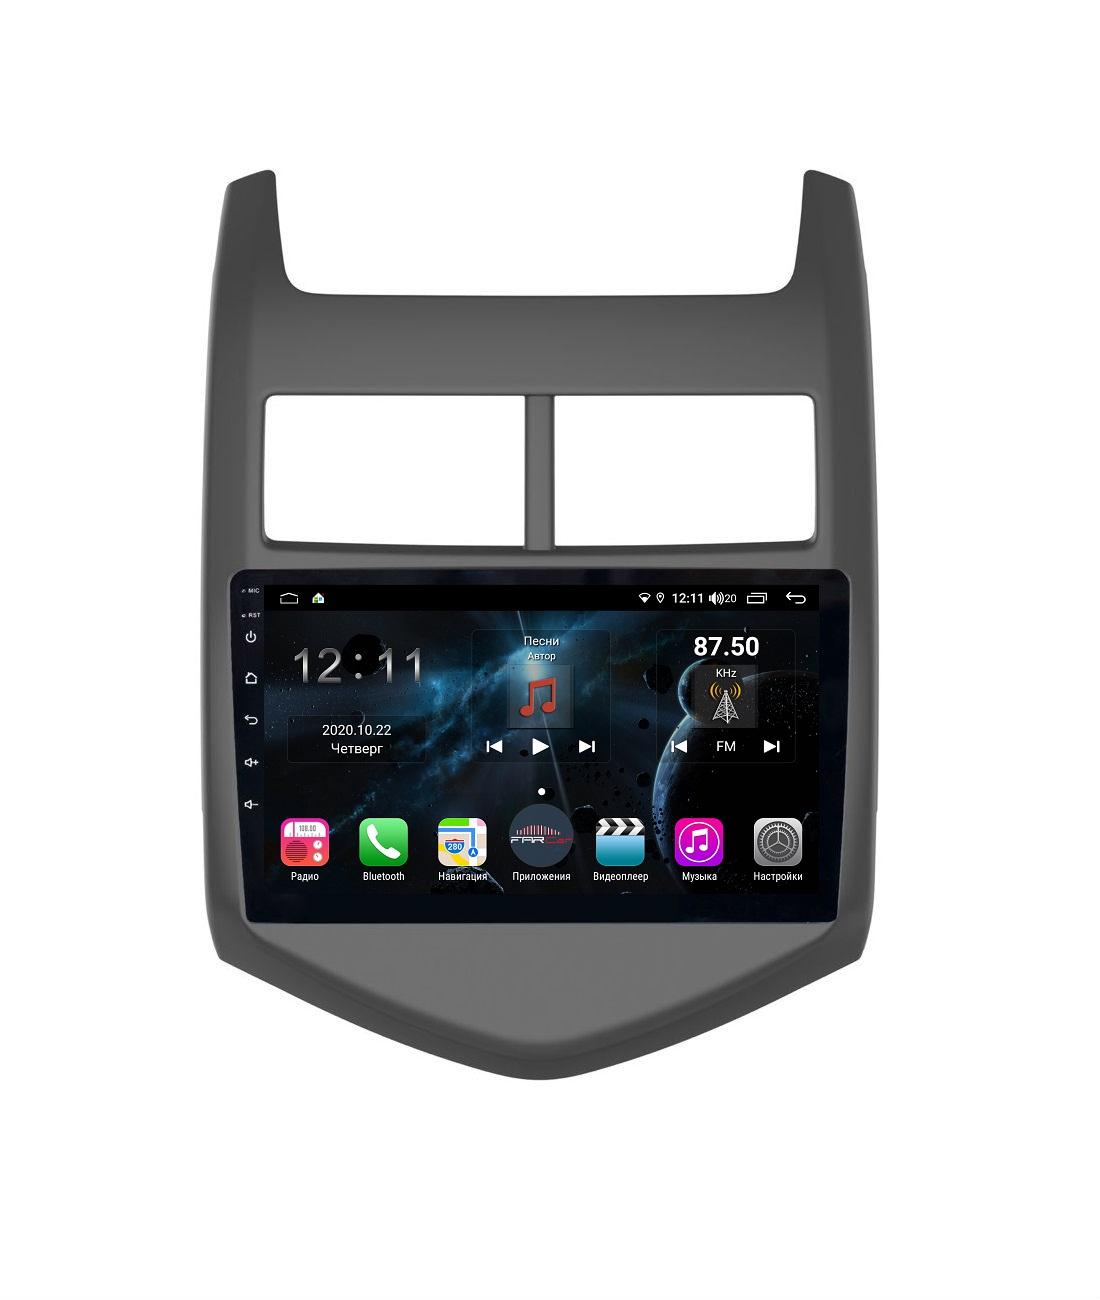 Штатная магнитола FarCar s400 для Chevrolet Aveo на Android (TG107R) (+ Камера заднего вида в подарок!)